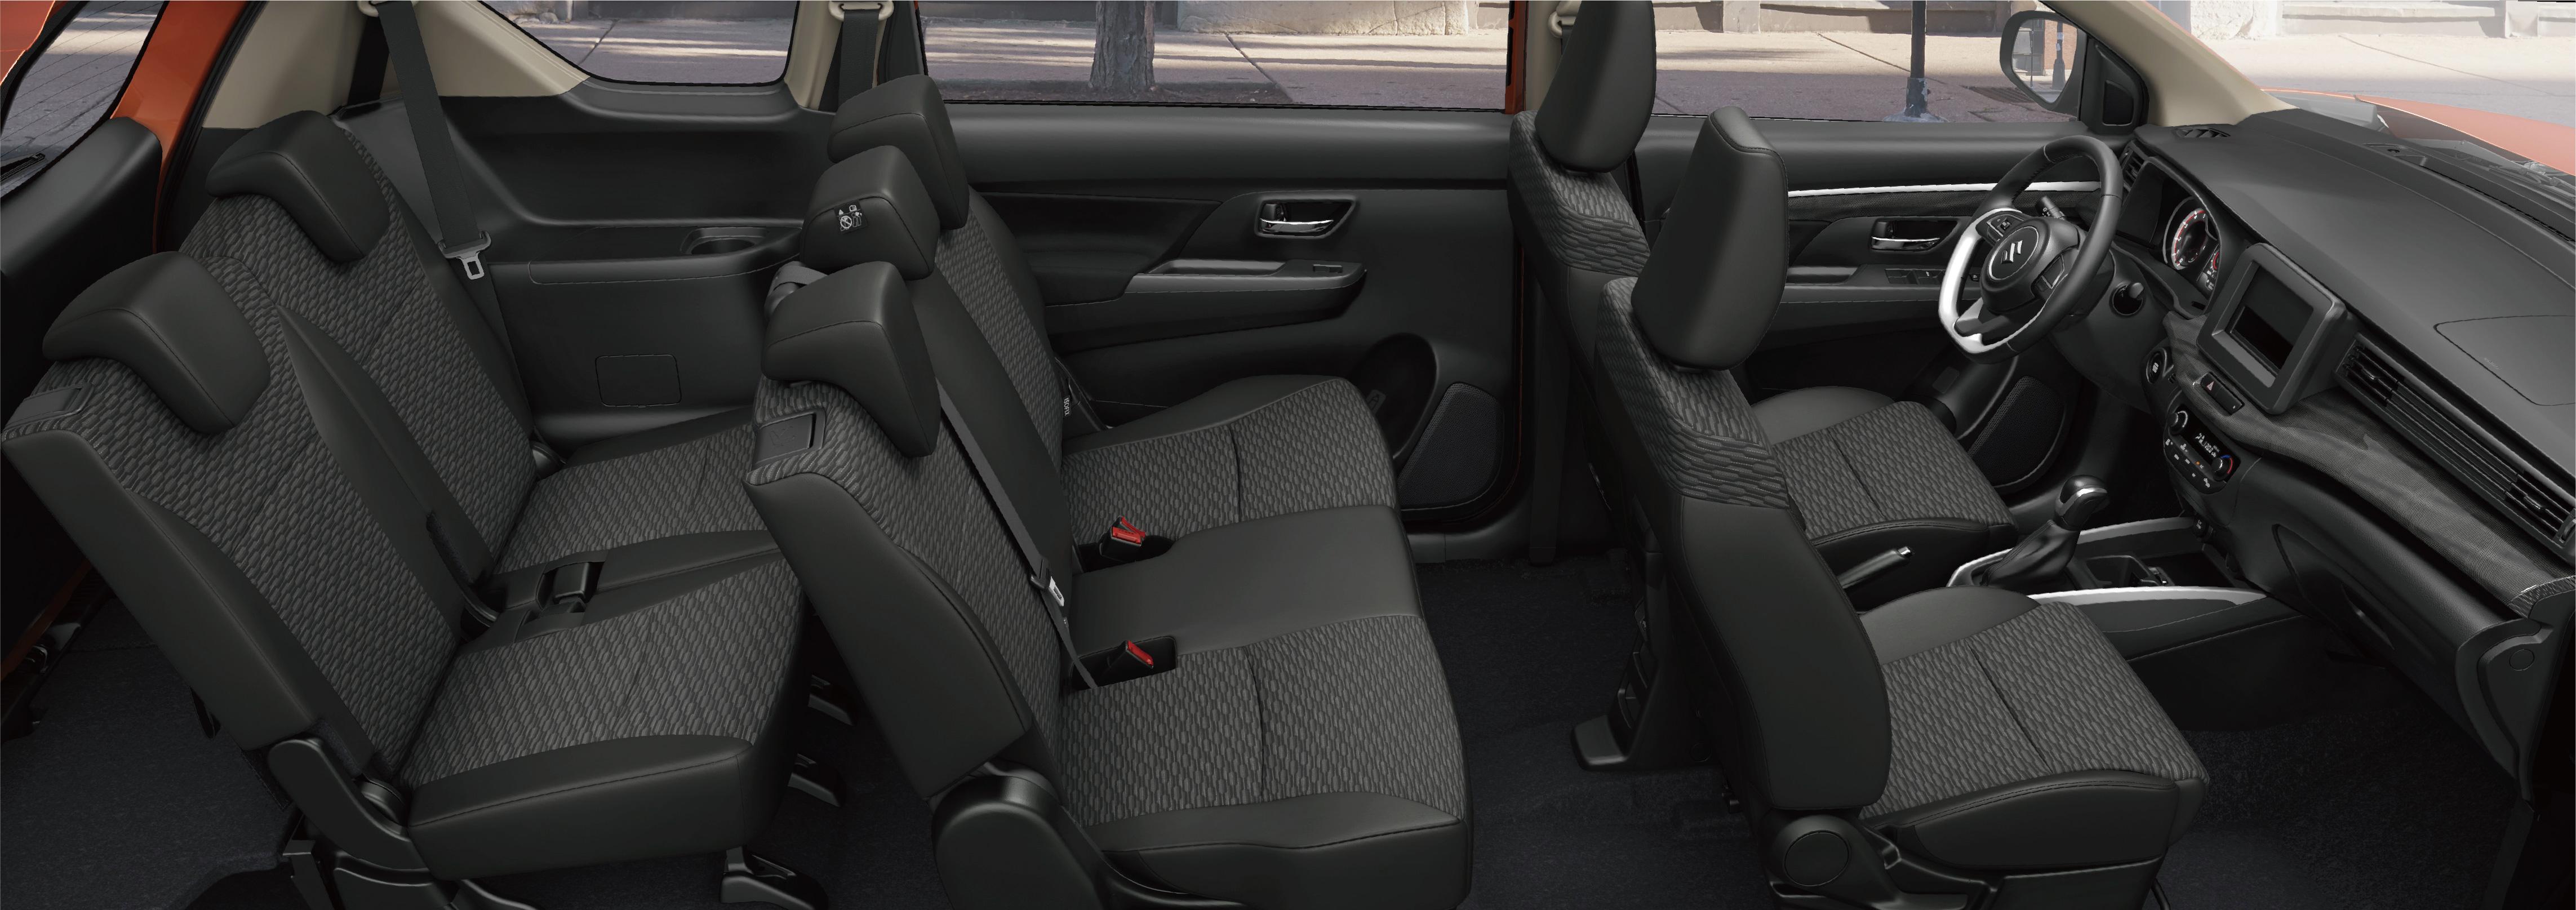 Ghế ngồi sang trọng của xe ô tô 7 chỗ Suzuki XL7